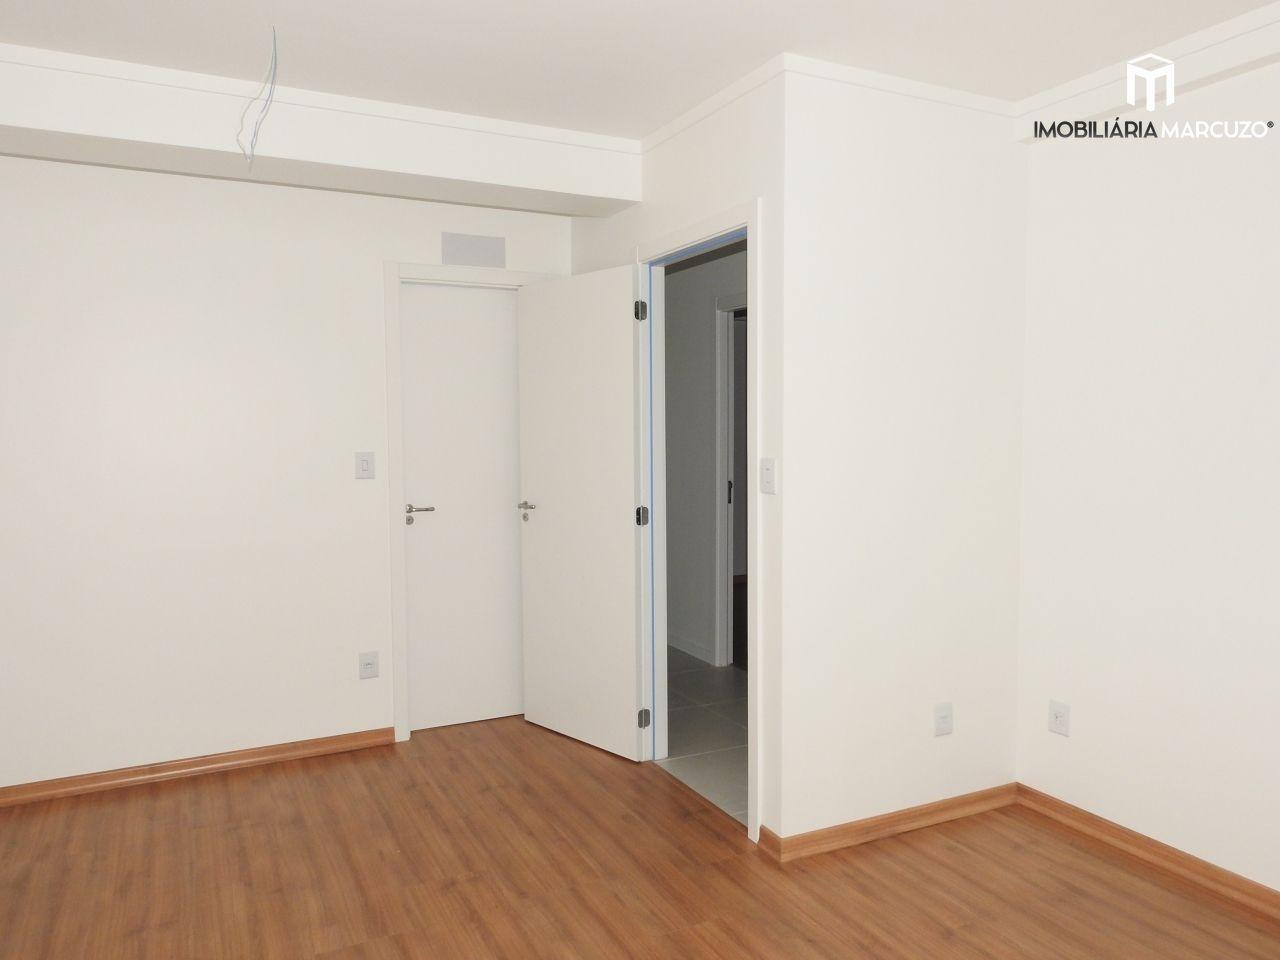 Apartamento com 3 Dormitórios à venda, 115 m² por R$ 780.000,00